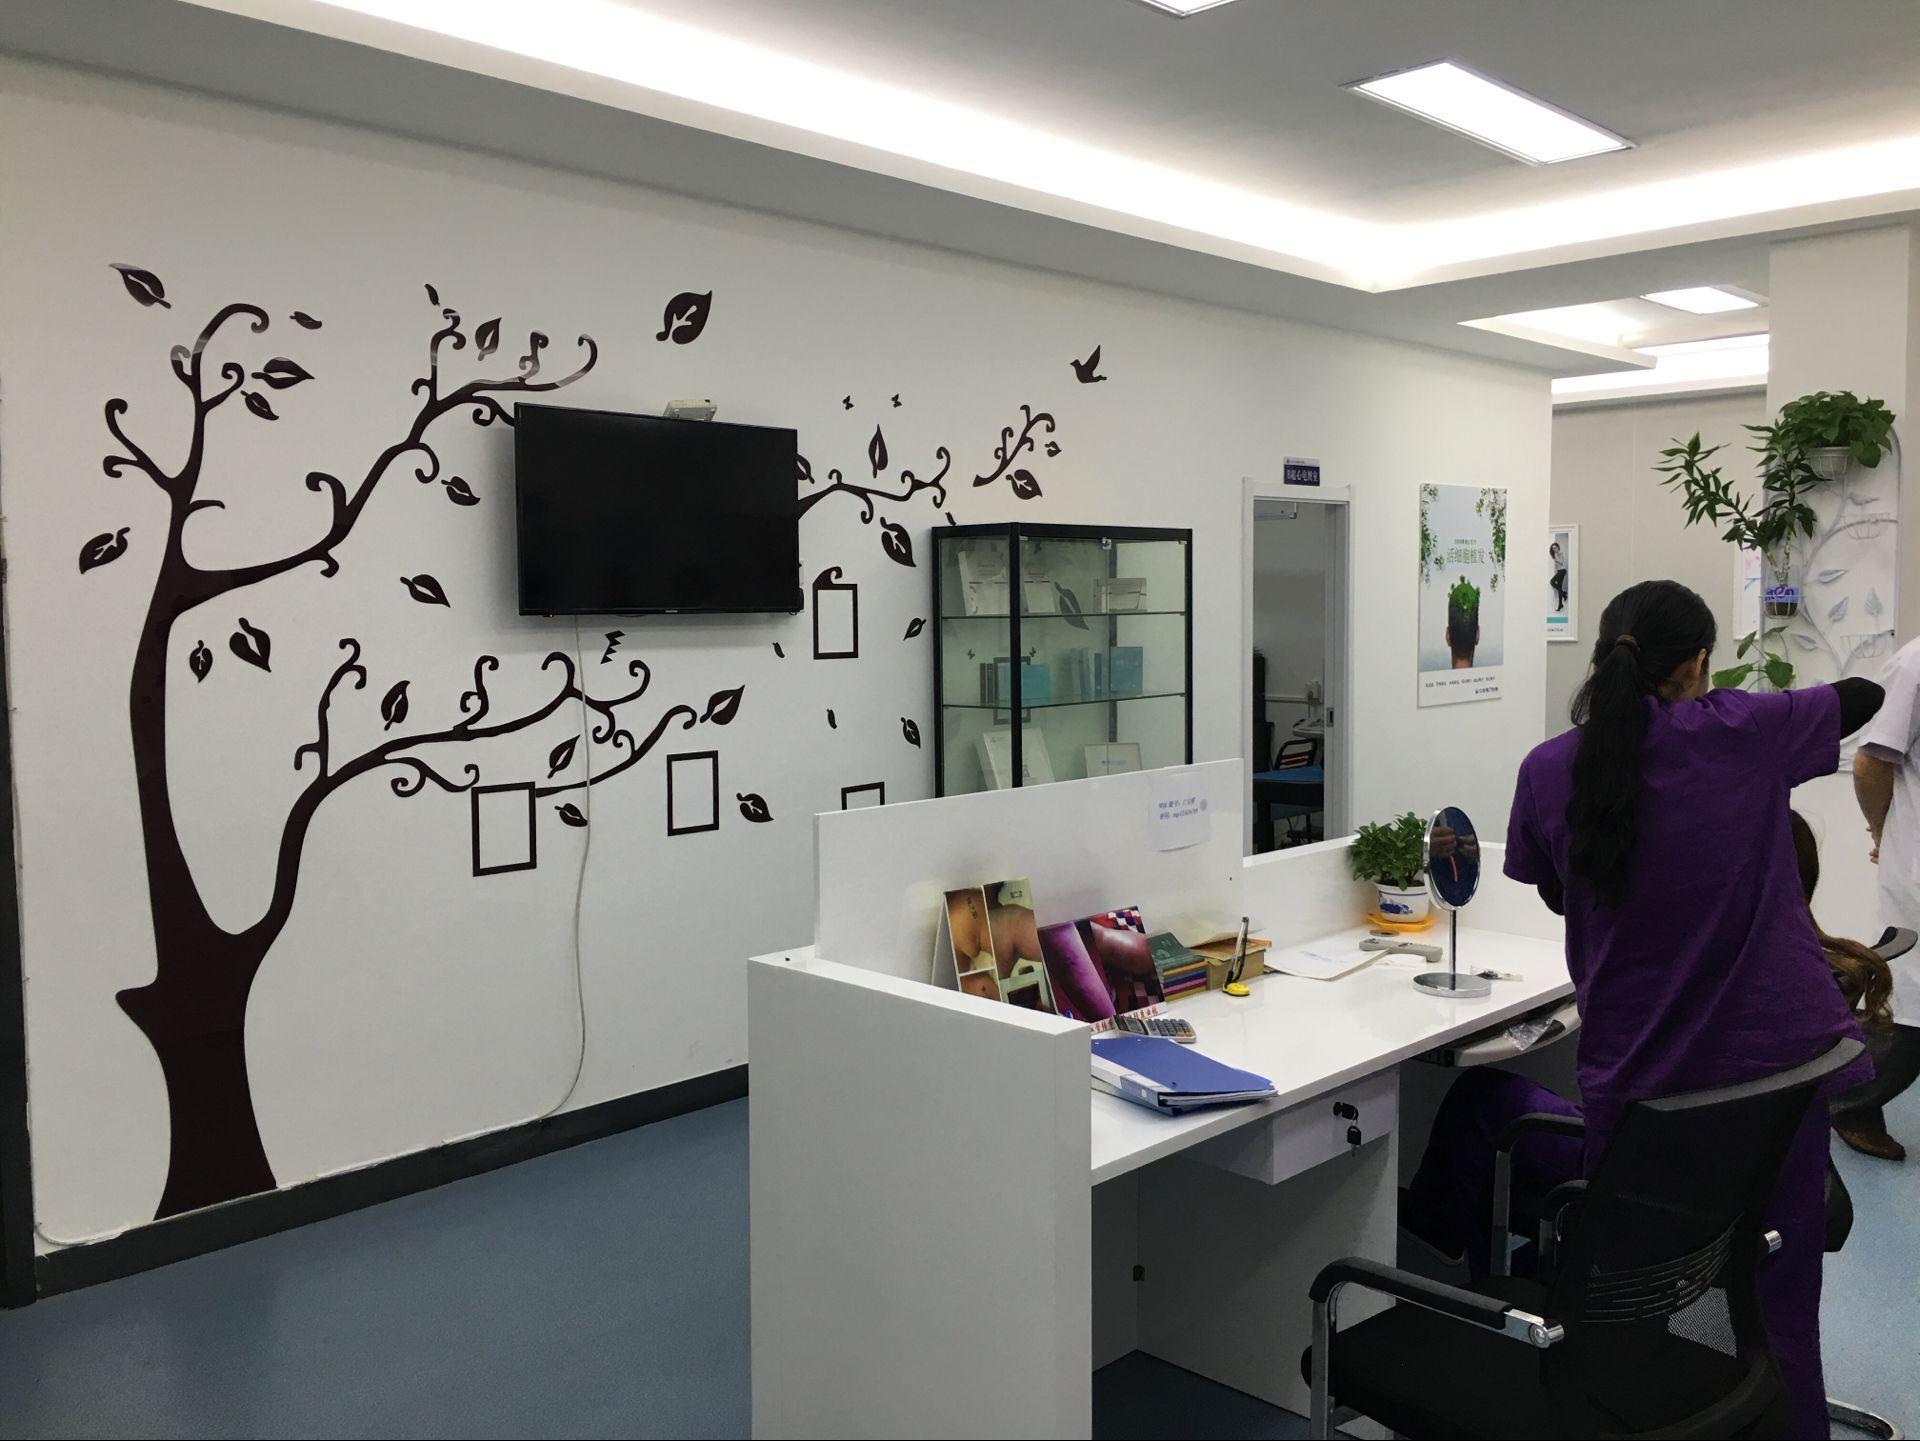 深圳仁安雅门诊部环境图4